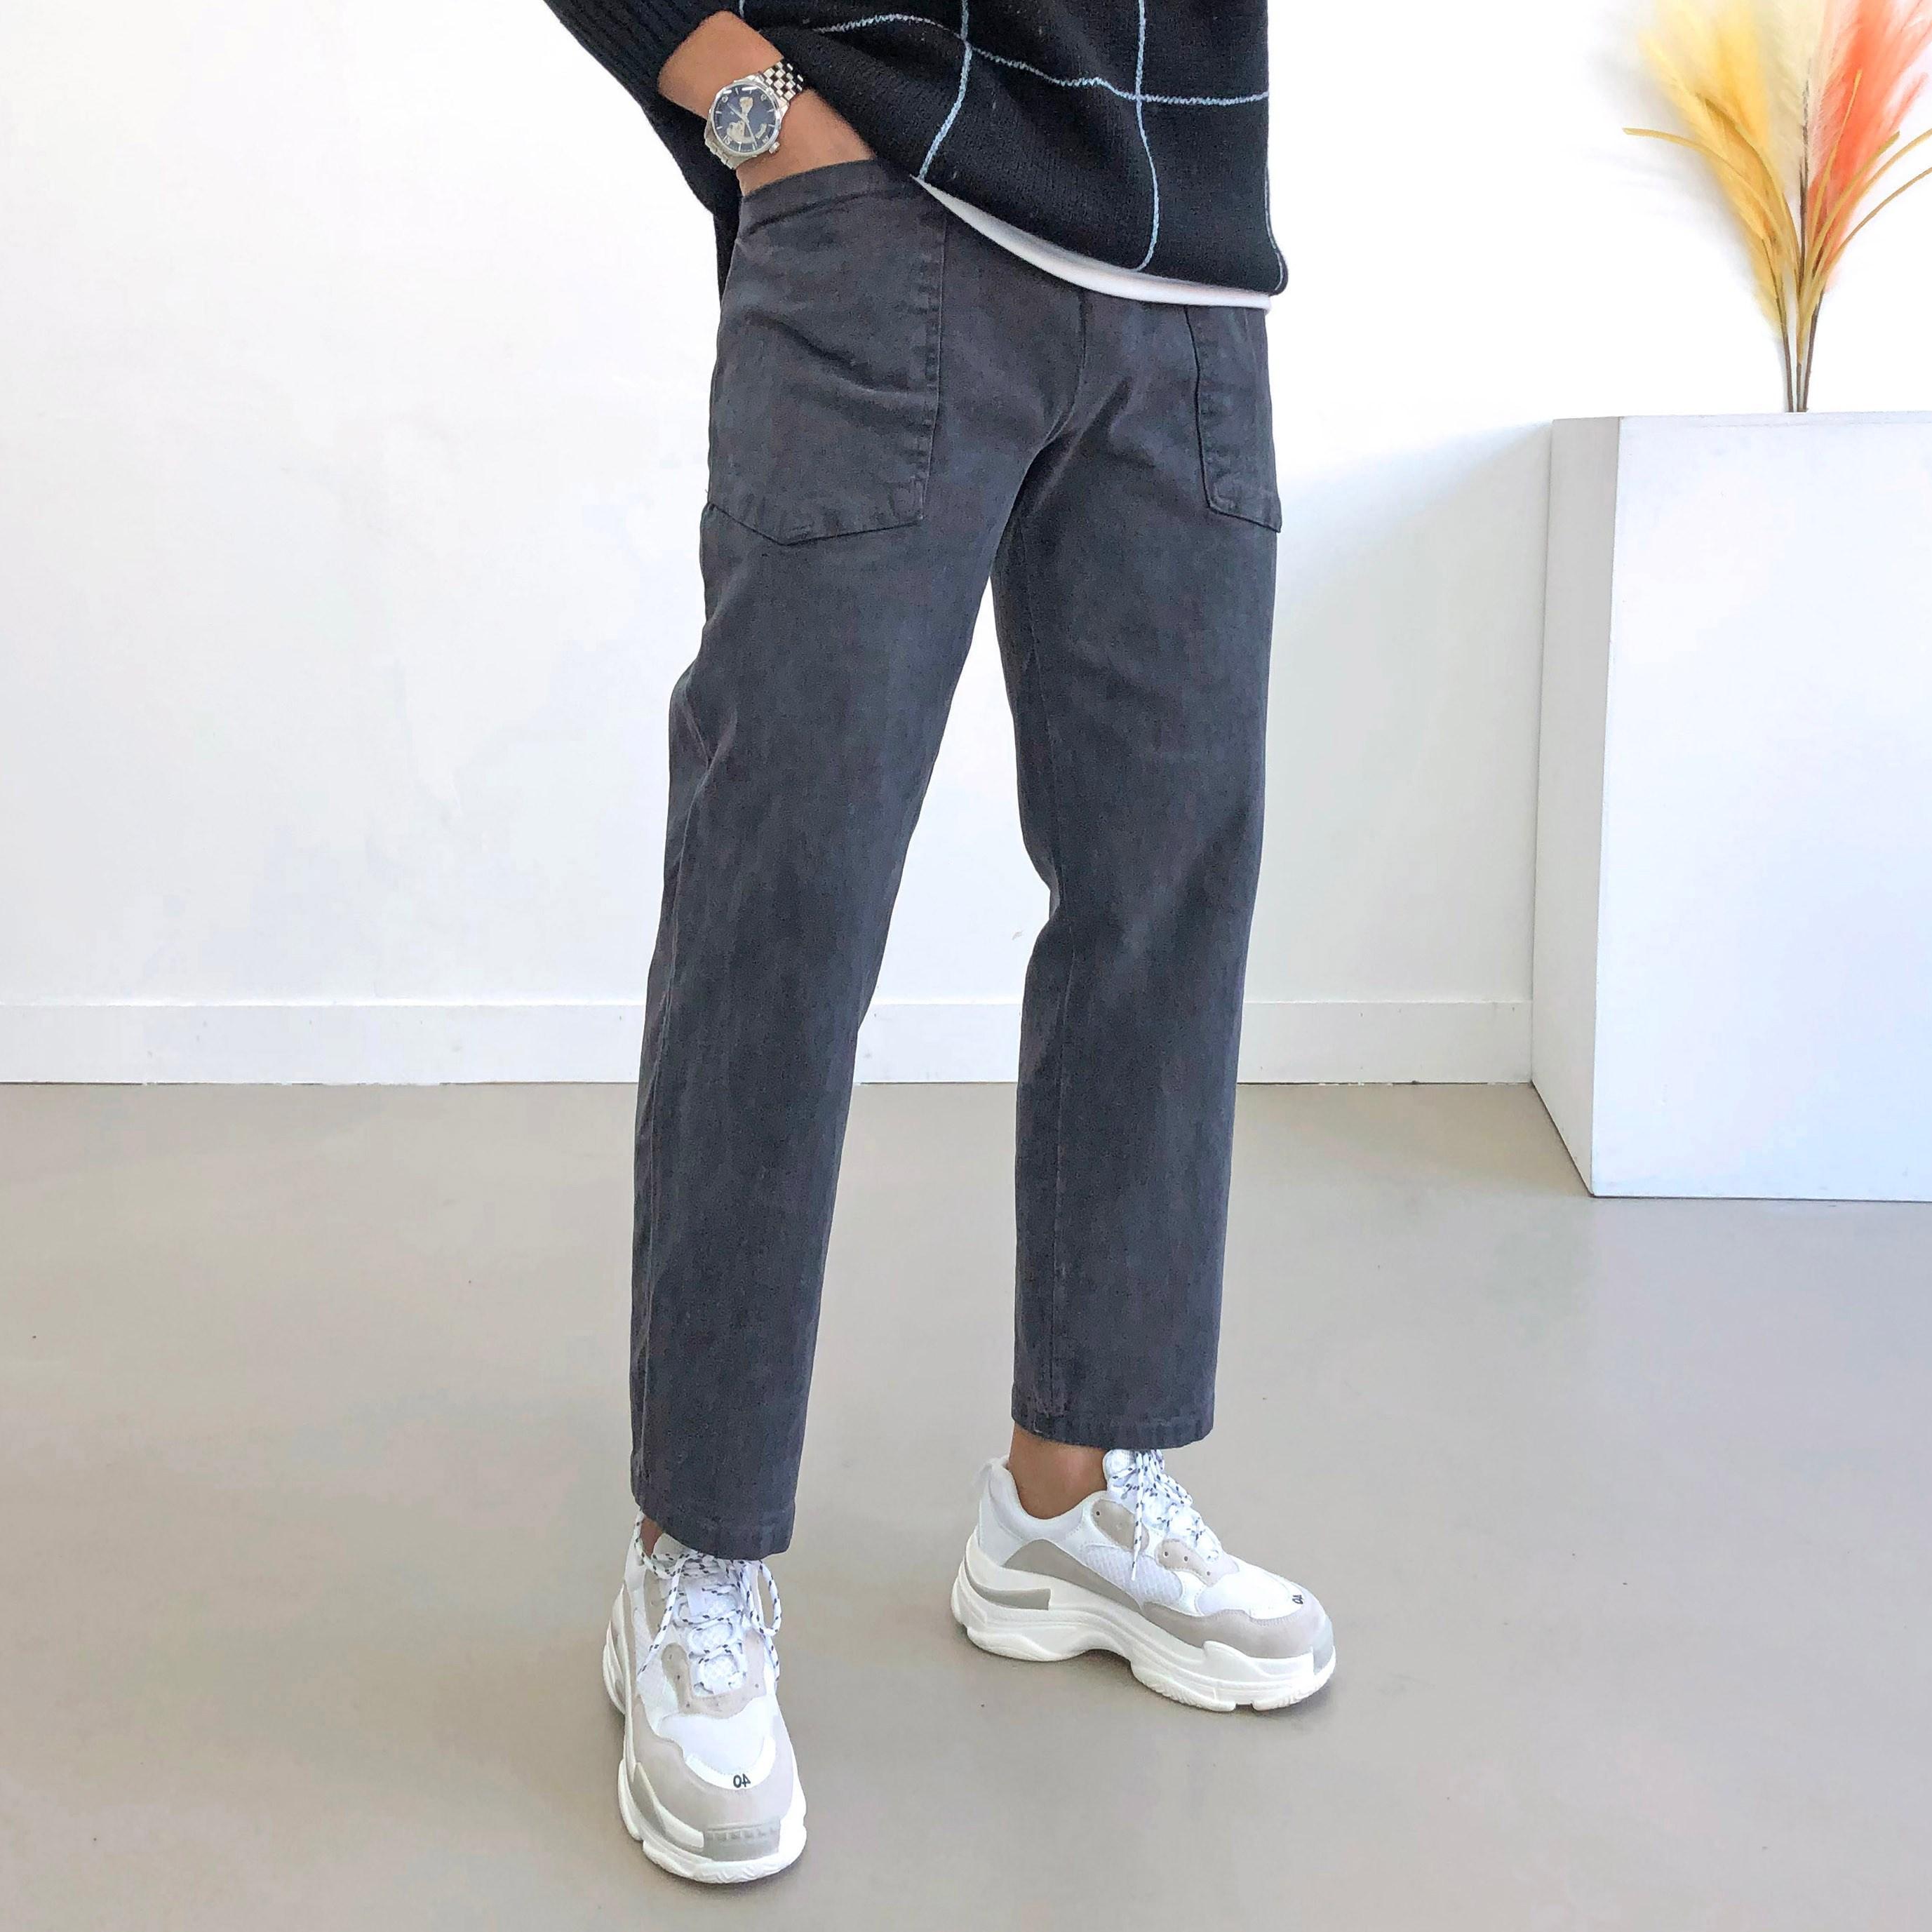 간빠레 남자 피그먼트 앞포켓 피치기모 일자 와이드팬츠